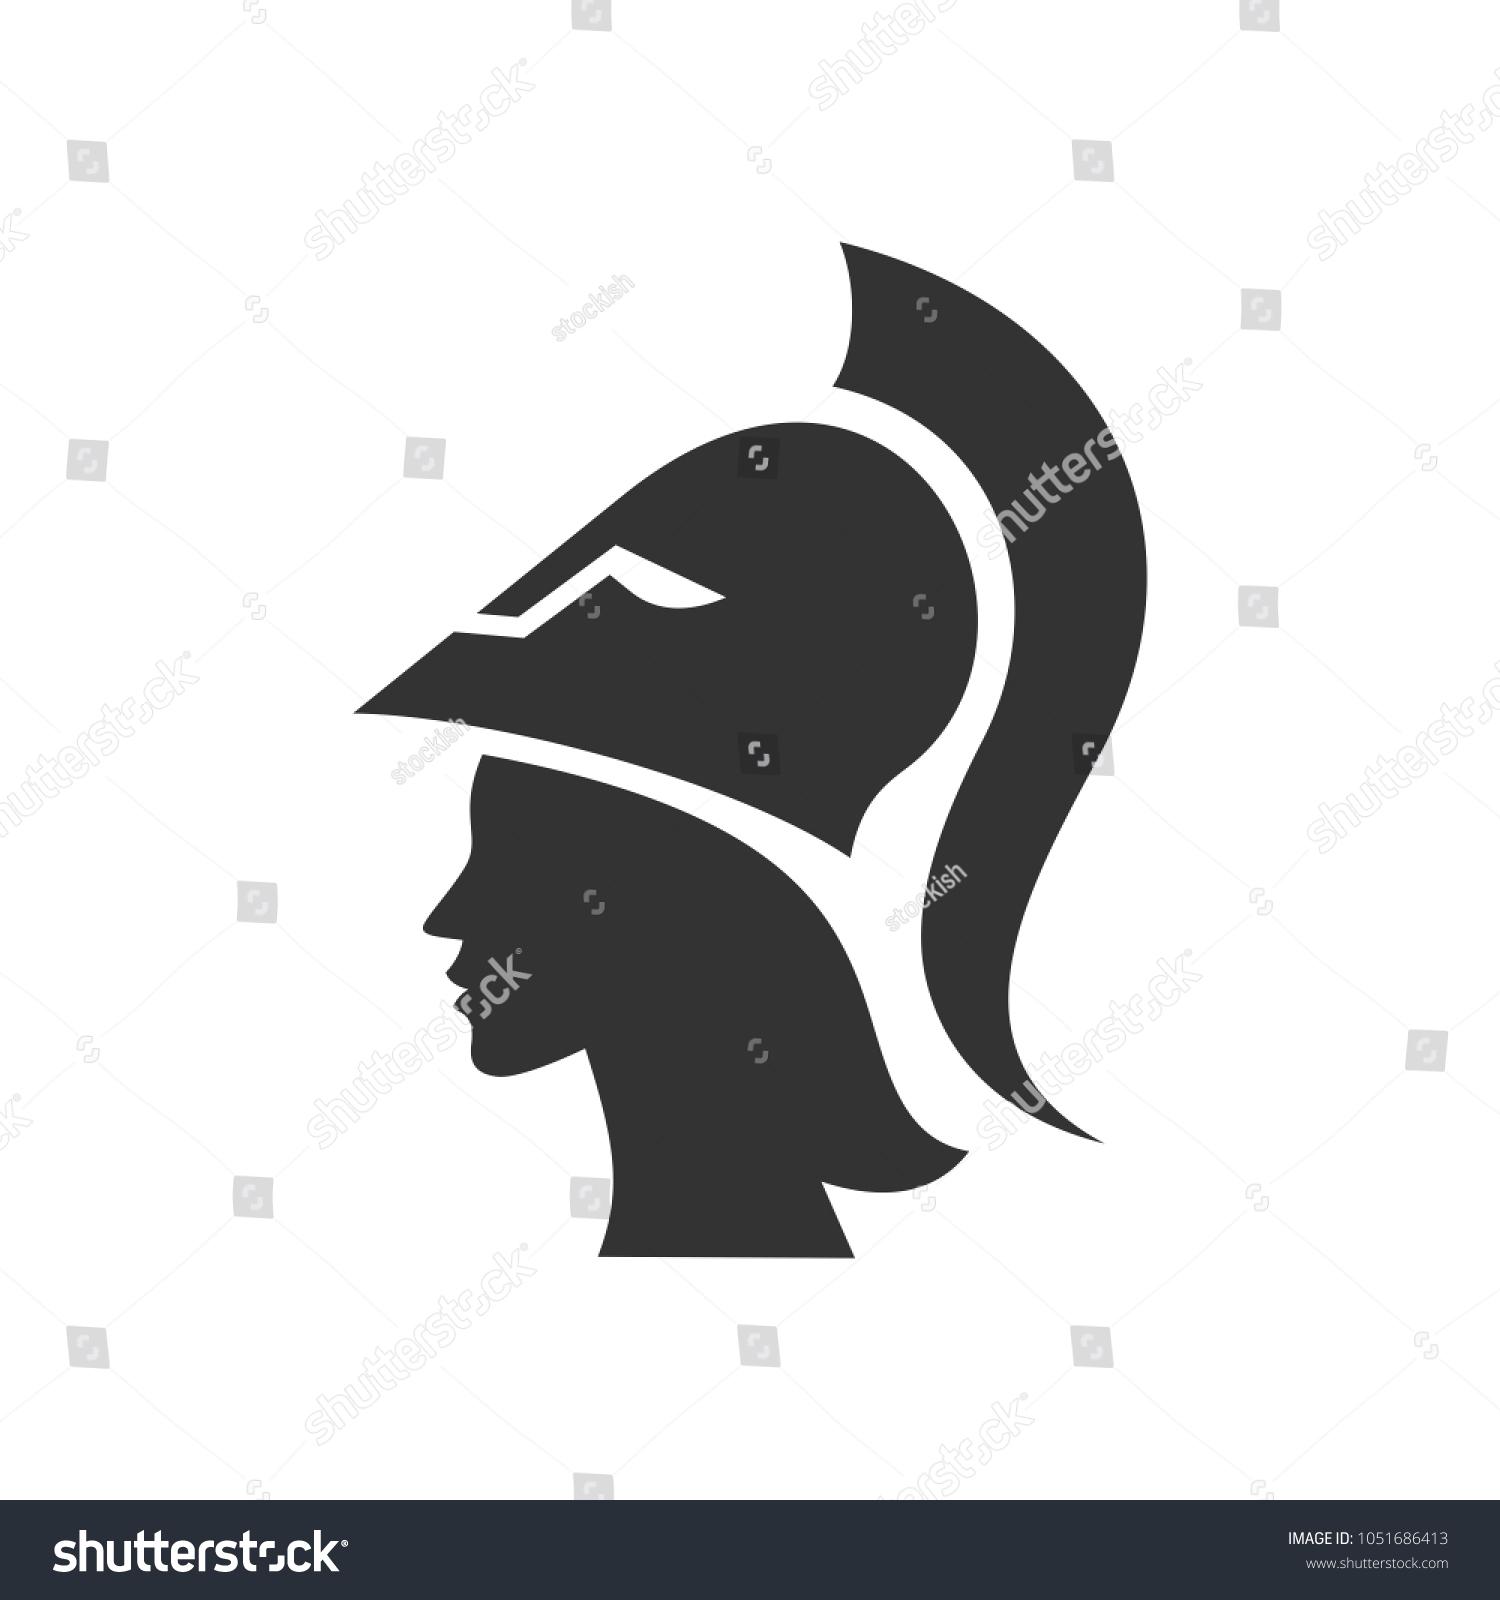 Athena symbol vector logo stock vector 1051686413 shutterstock athena symbol vector logo biocorpaavc Images